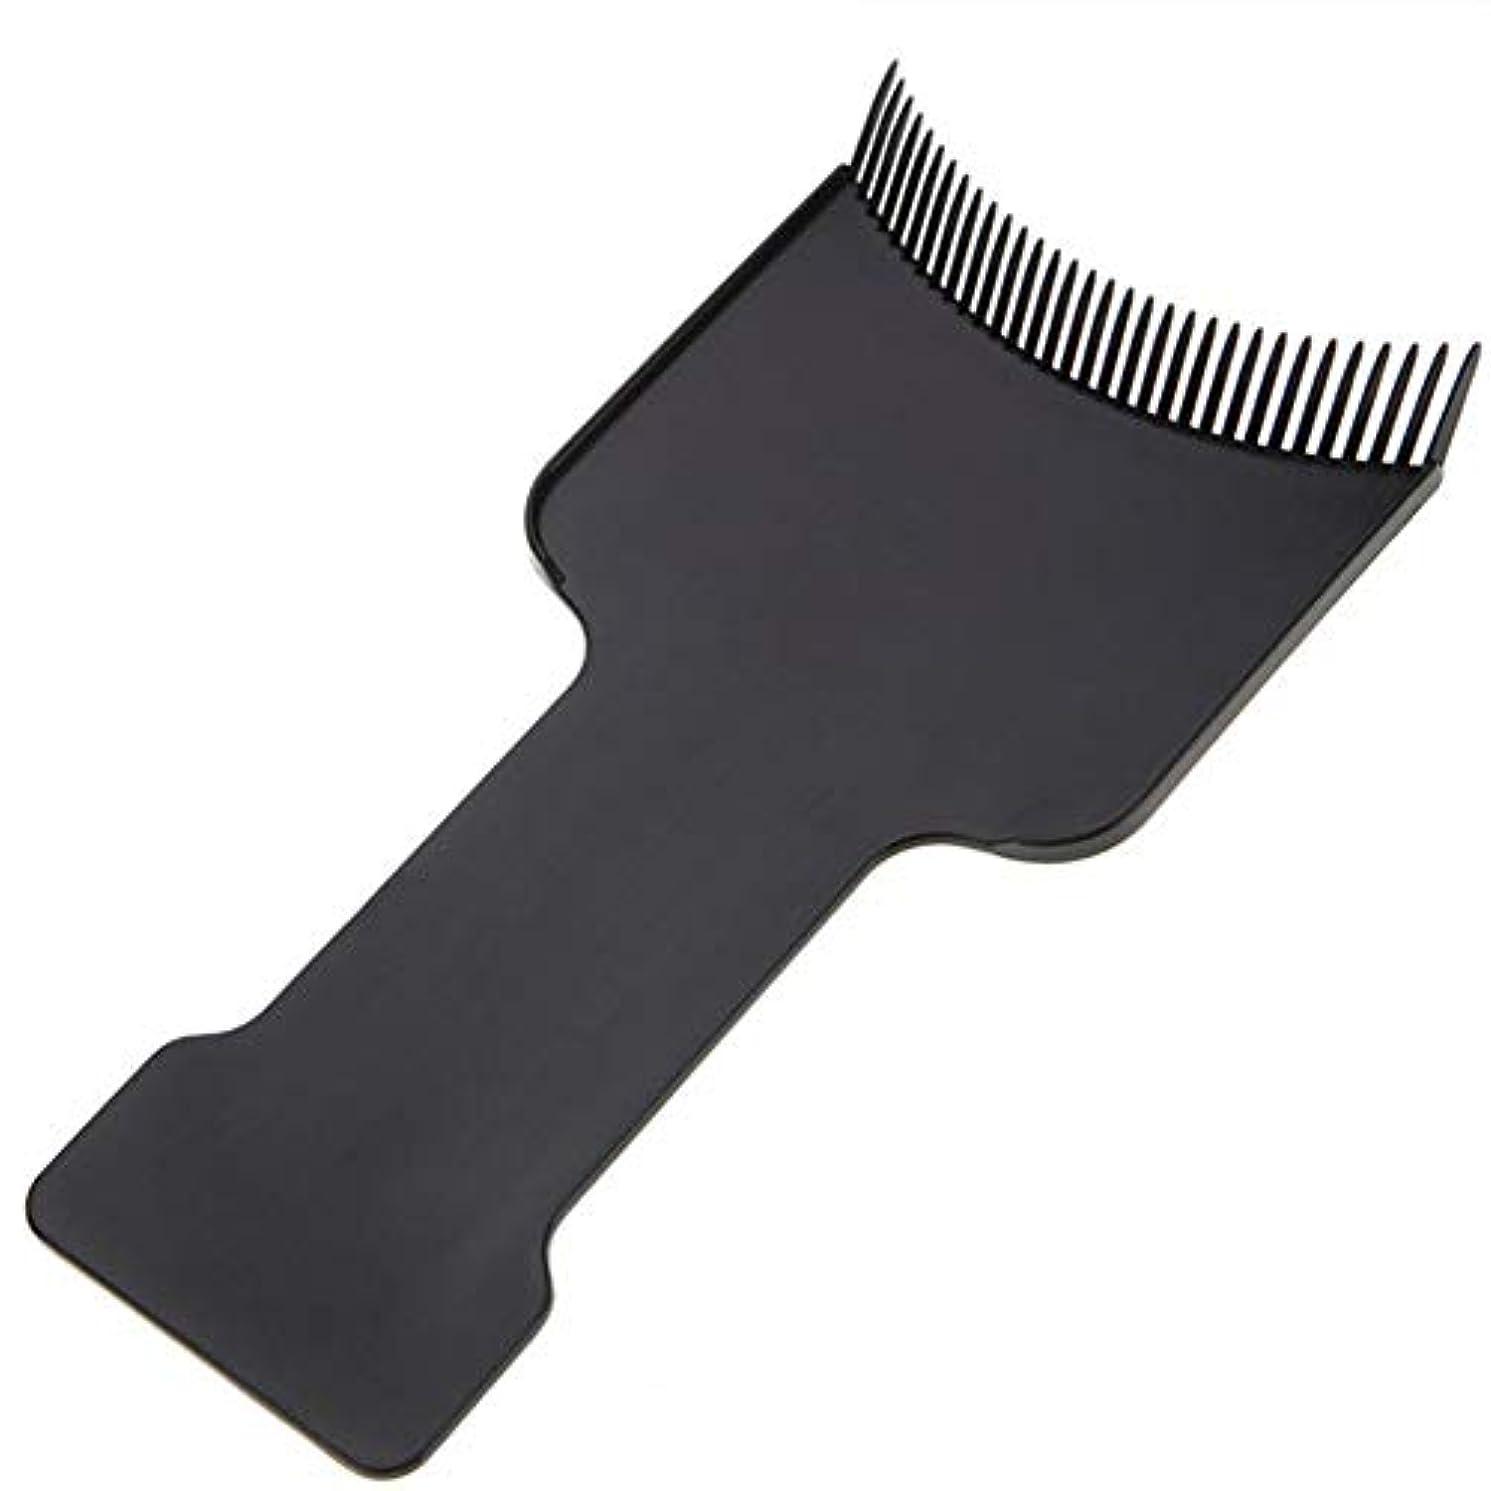 ルネッサンスマグ乞食AIMERKUP 理髪サロンヘアカラーリング染色ボードヘアトリートメントケアピックカラーボードくし理髪ツール frugal friendly